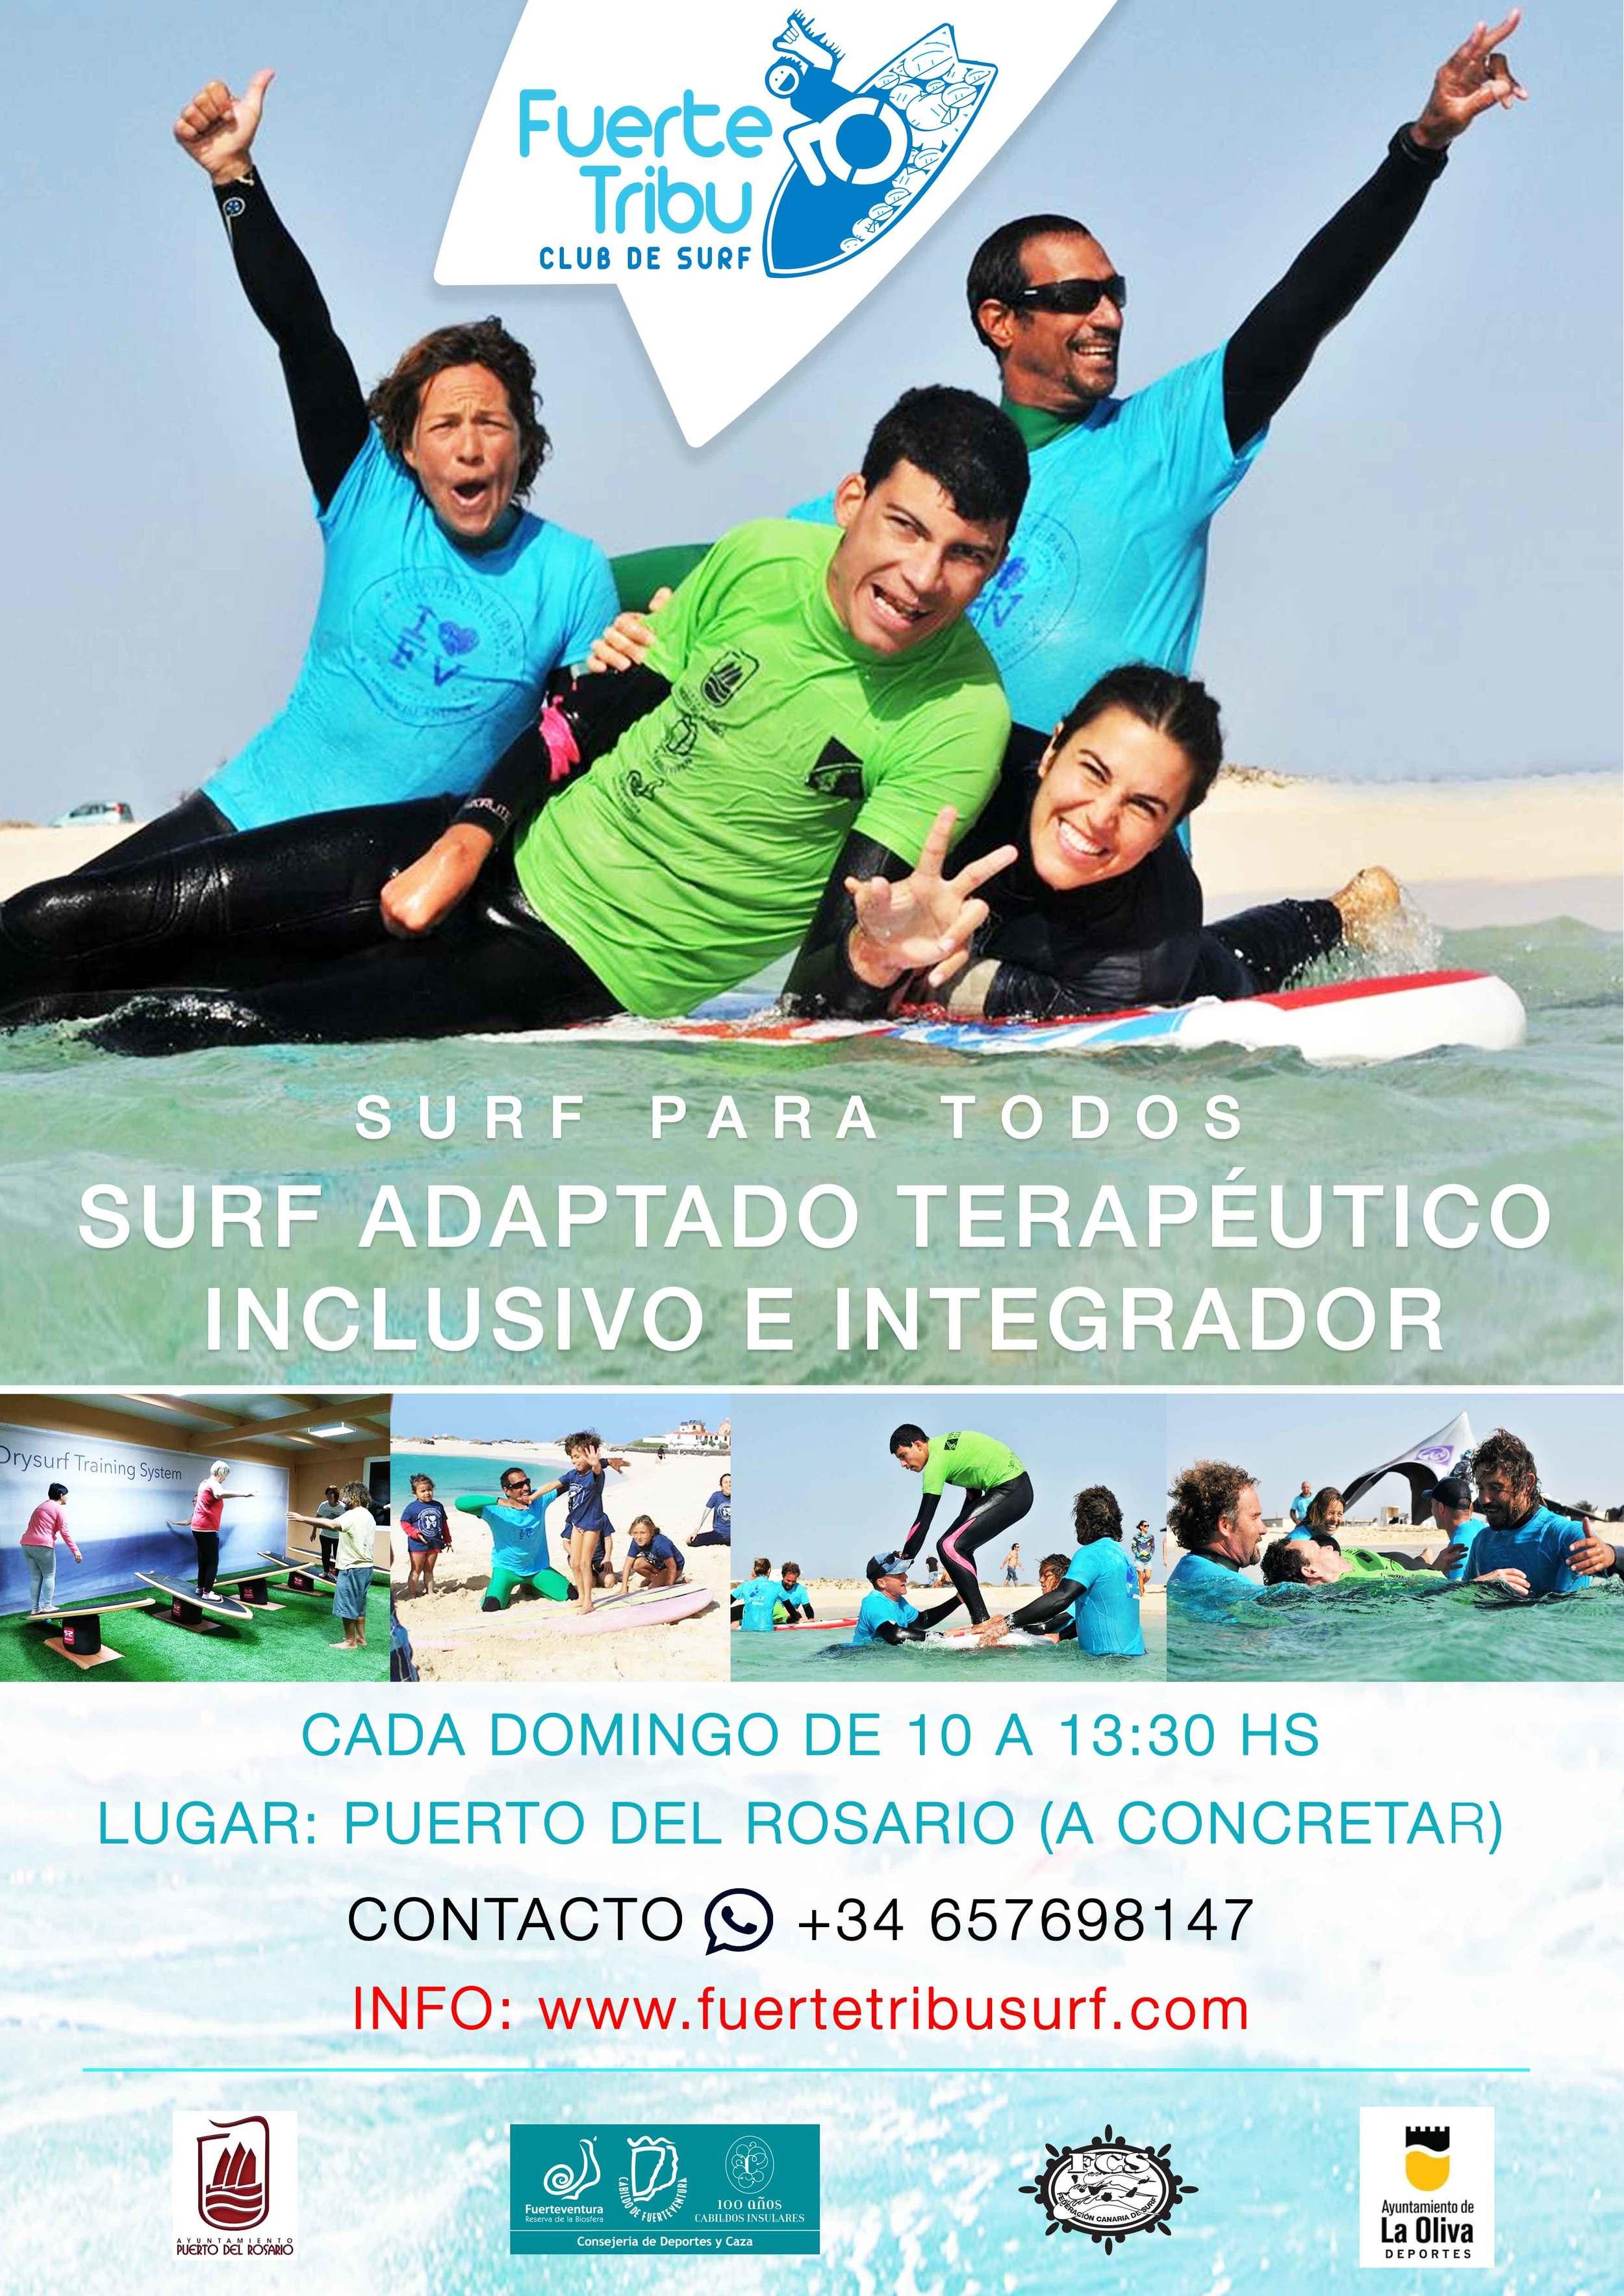 SURF PARA NIÑOS, SURF ADAPTADO, SURF TERAPEUTICO, SURF FUERTEVENTURA, CLUB DE SURF FUERTE TRIBU, CAMPAMENTO DE SURF,